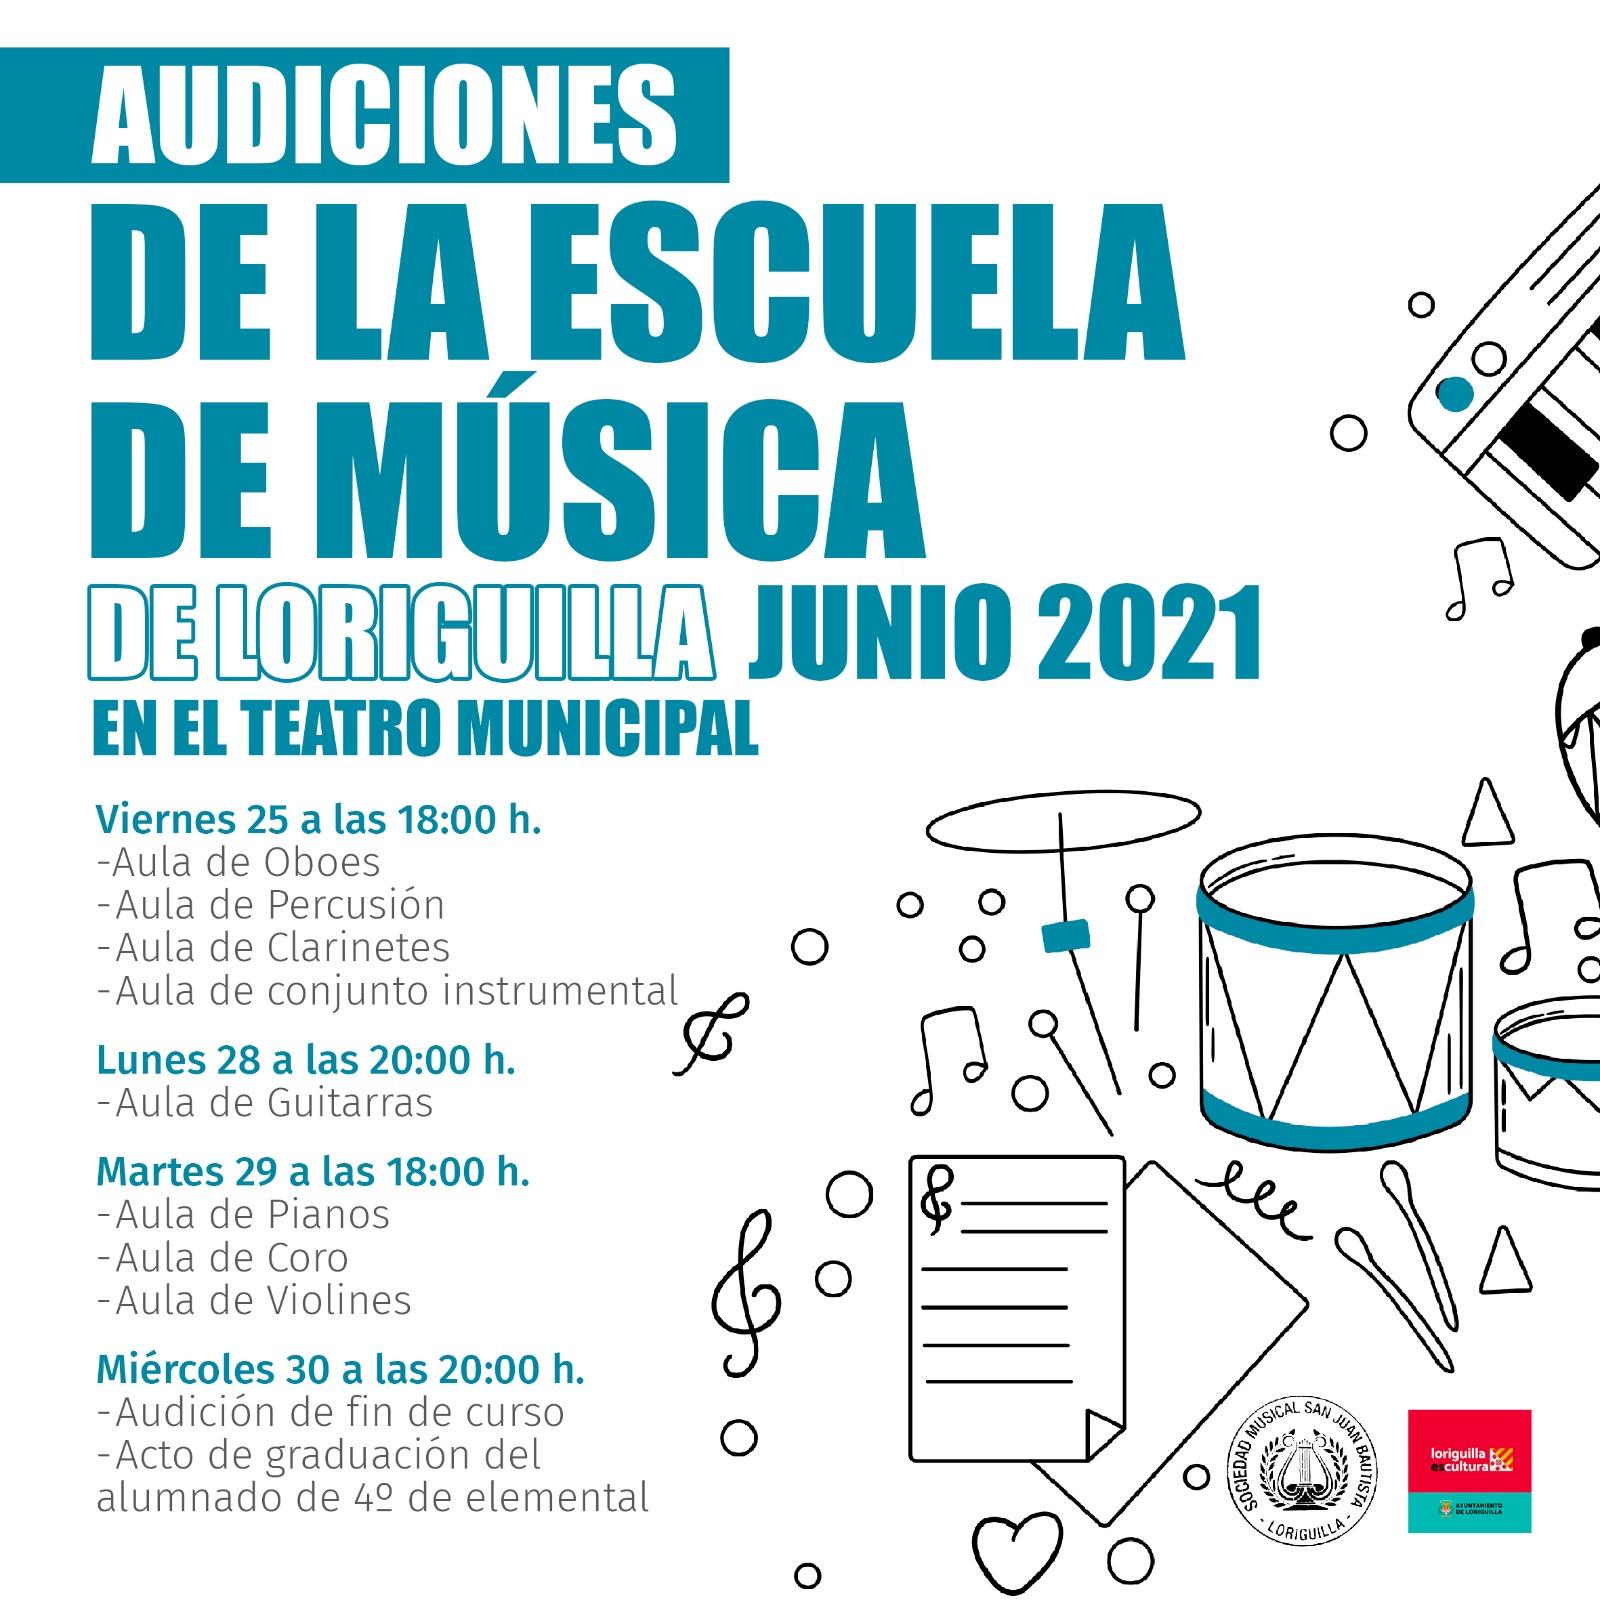 La Escuela de Música de Loriguilla celebra el fin de curso con audiciones de todas sus aulas